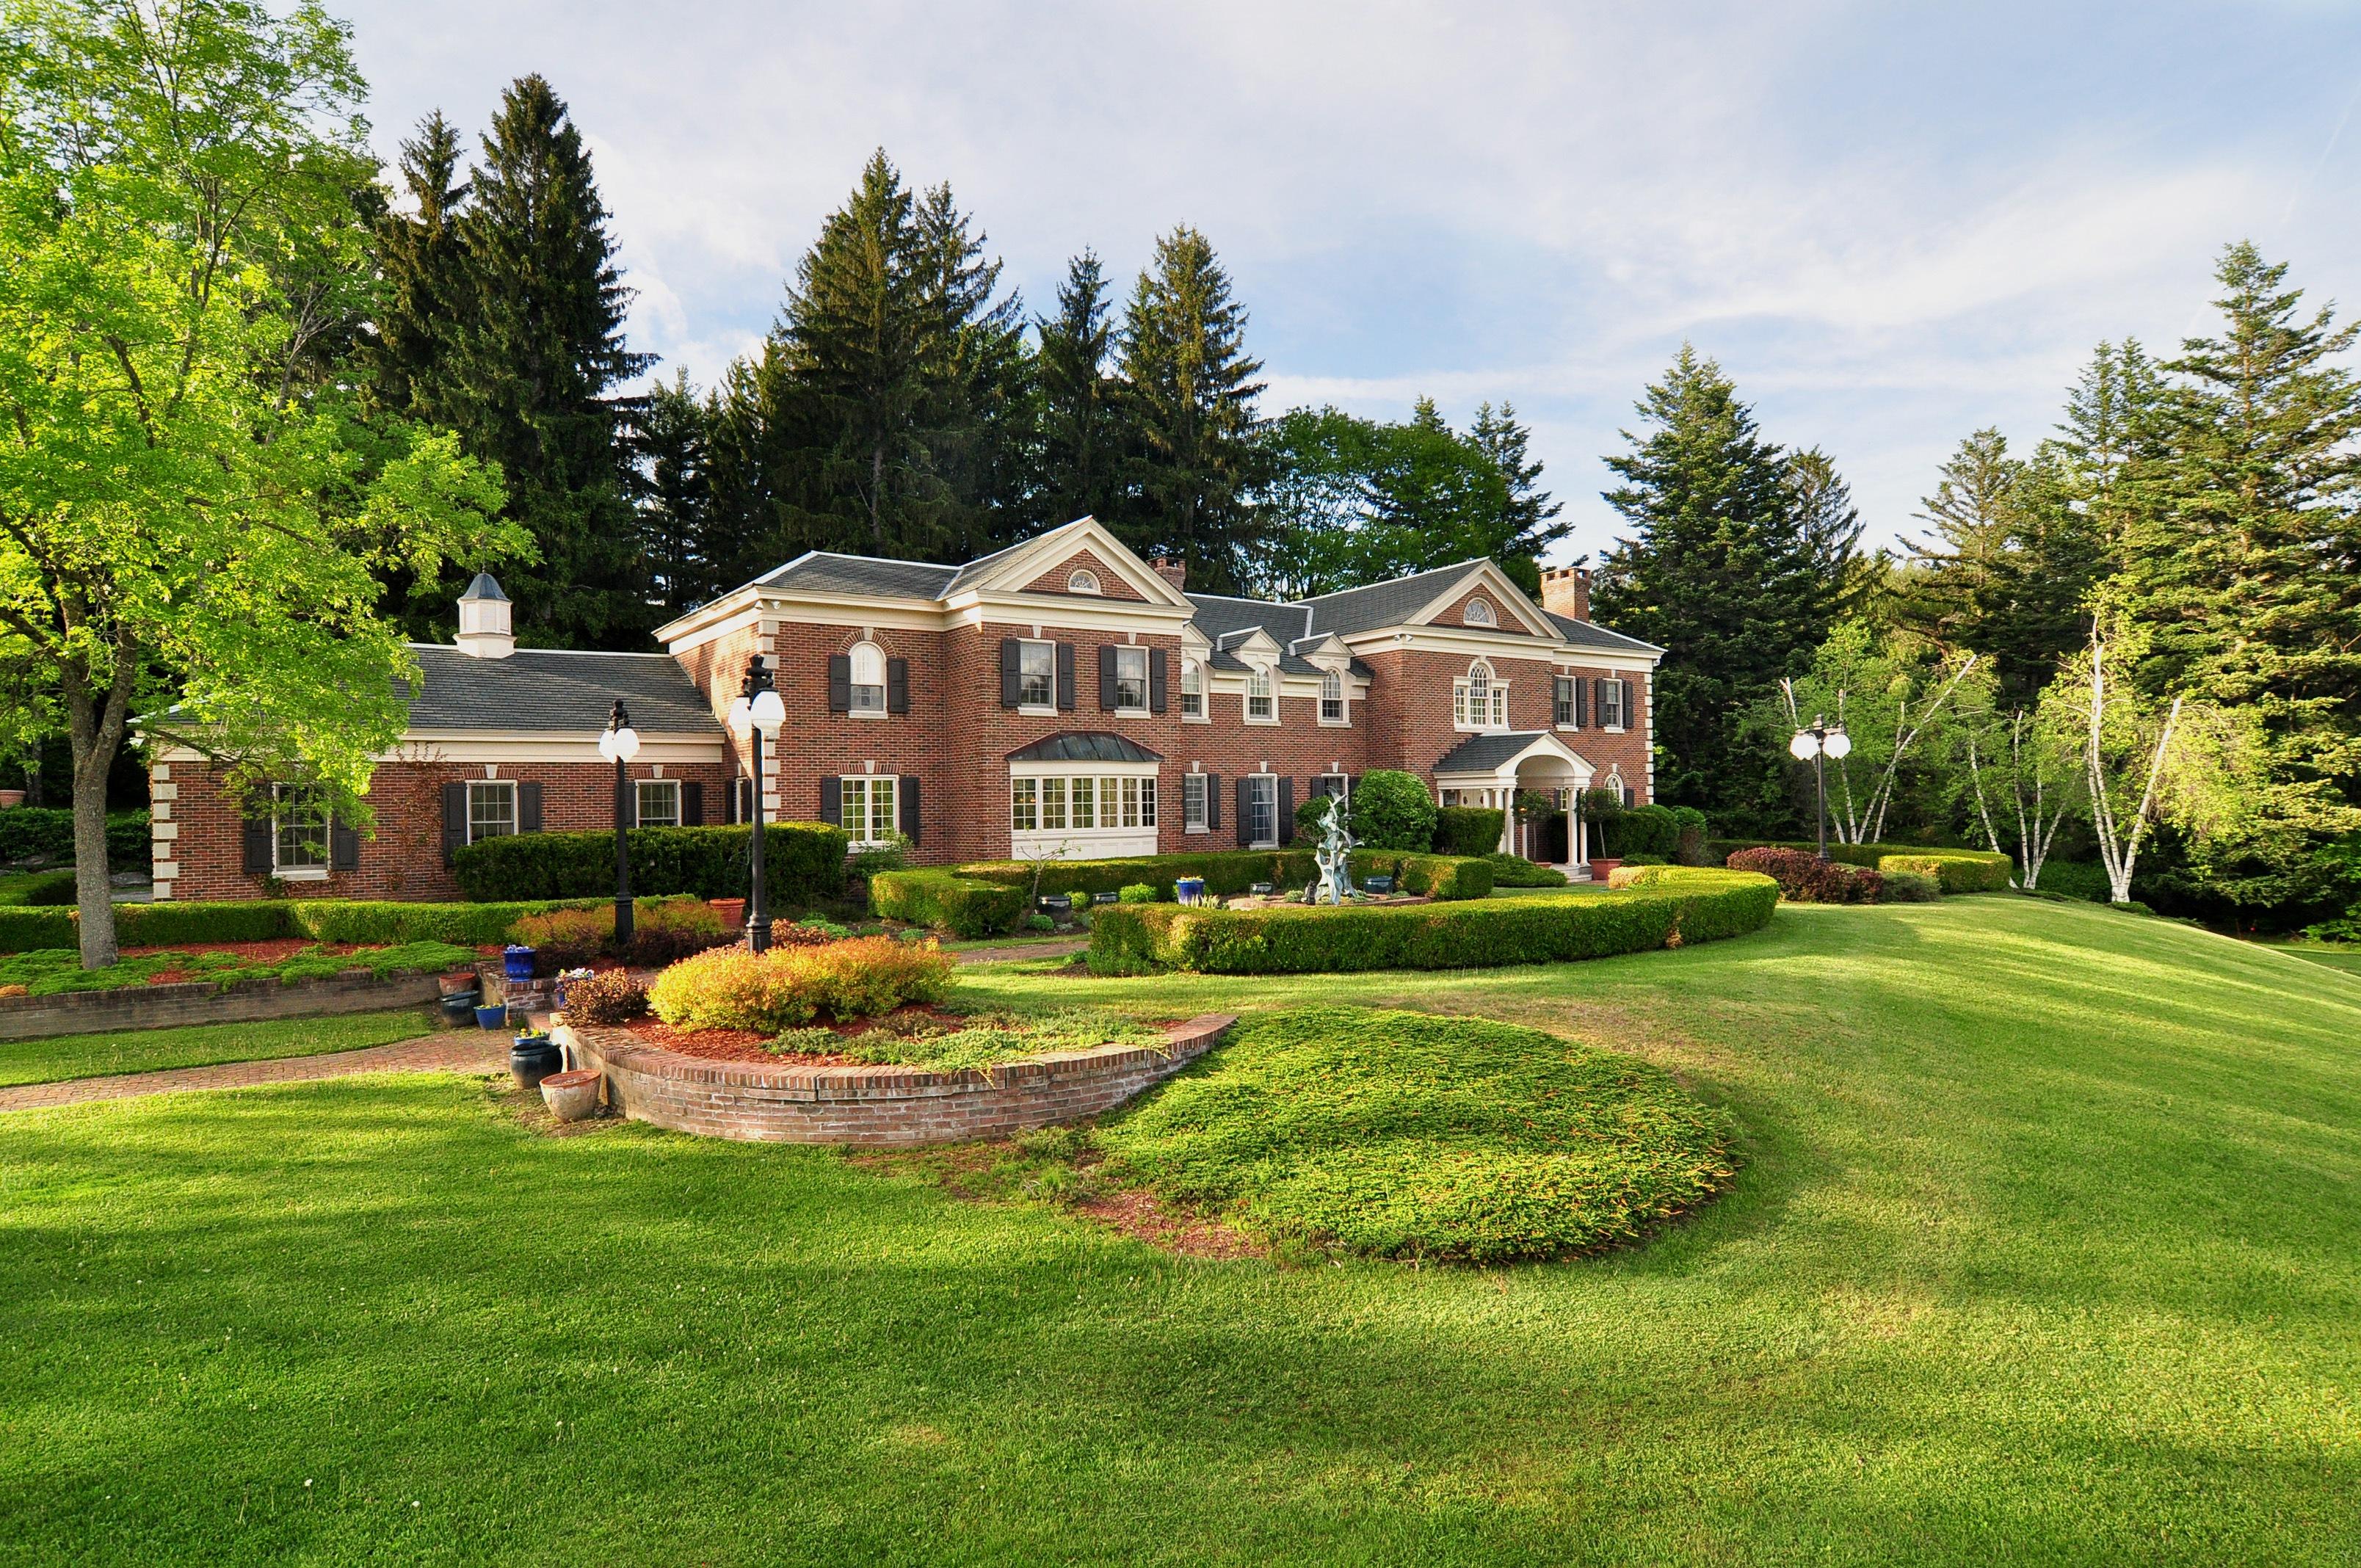 Einfamilienhaus für Verkauf beim Spectacular 36-acre Estate Steps from Tanglewood 79 Hawthorne St Stockbridge, Massachusetts 01262 Vereinigte Staaten